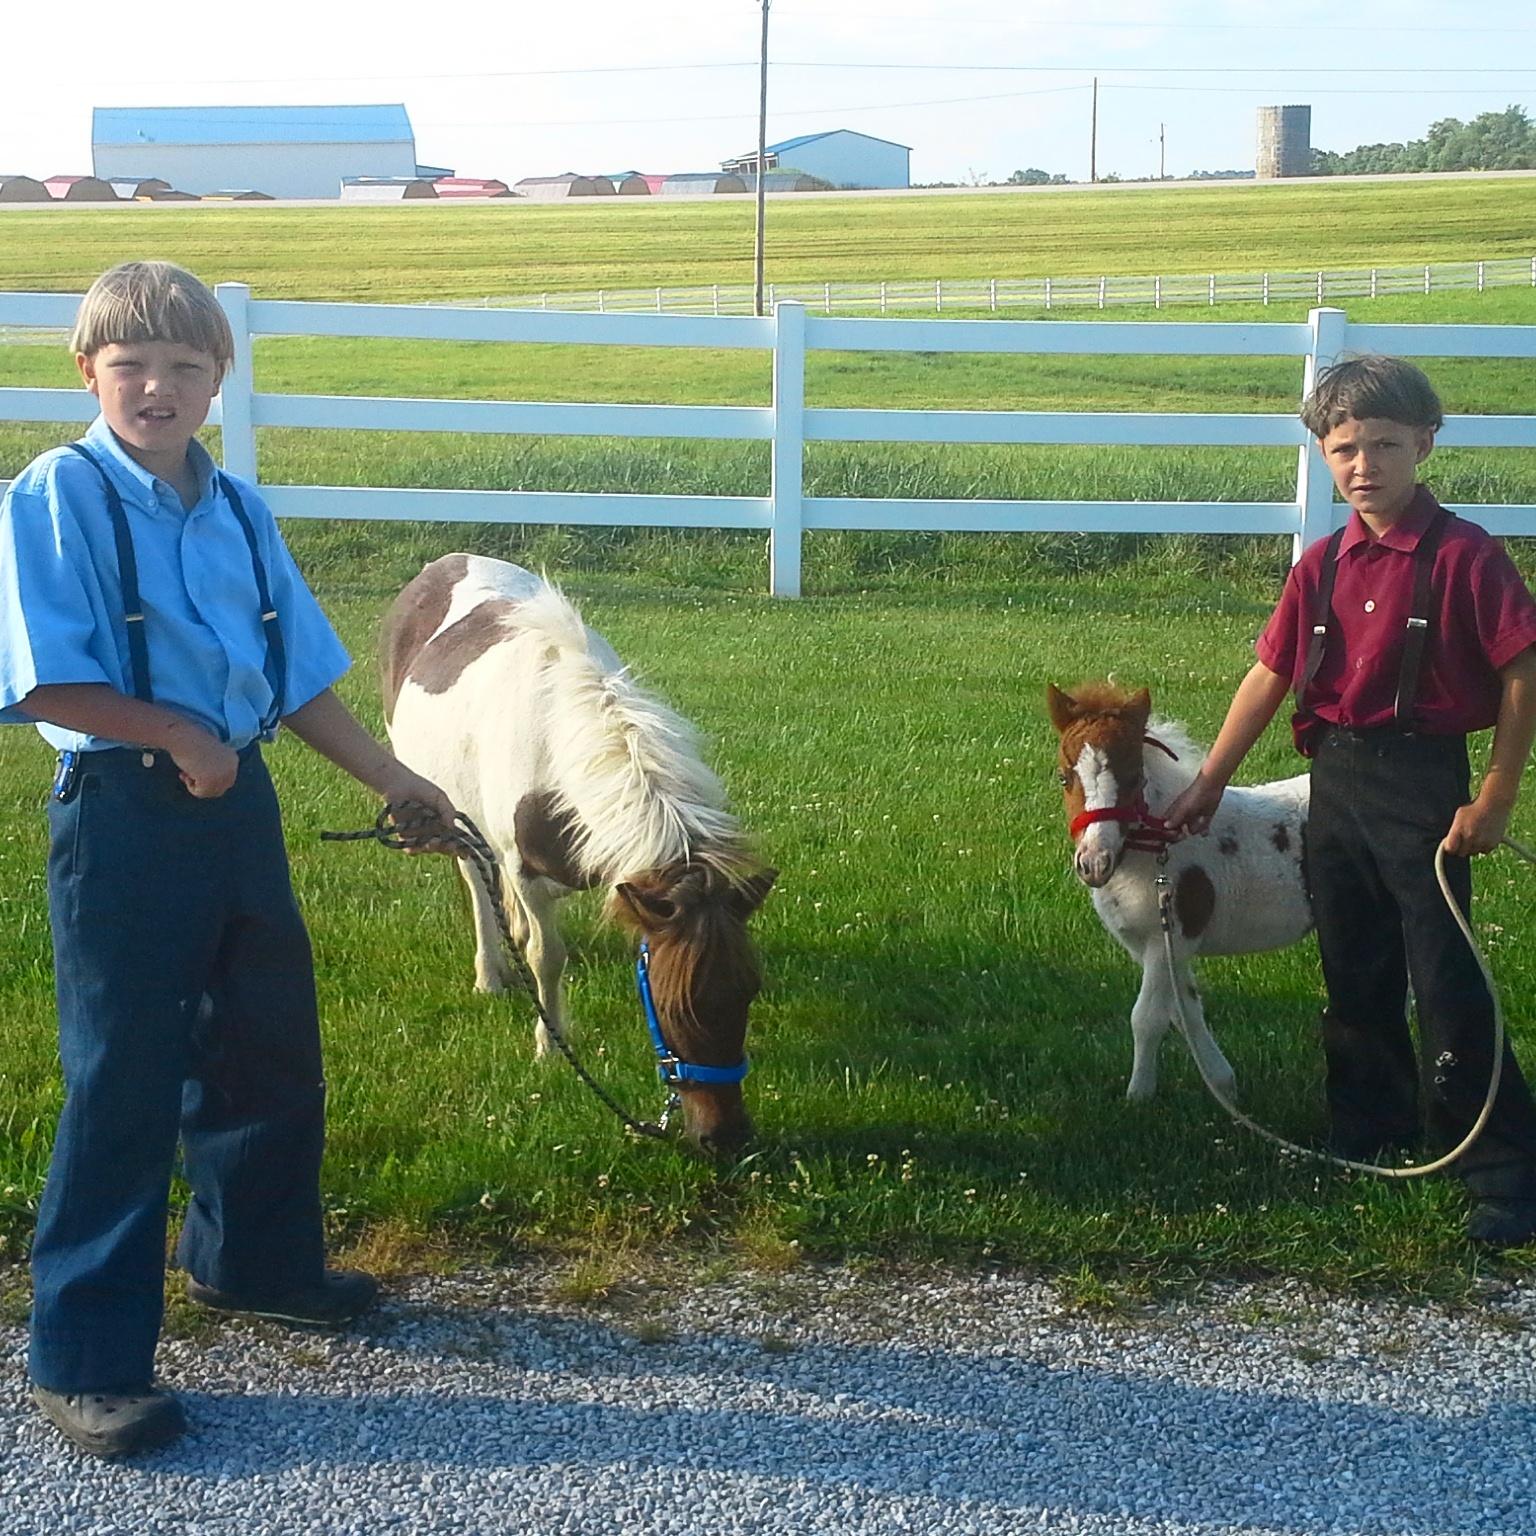 AmishboysIMG_20160608_092913